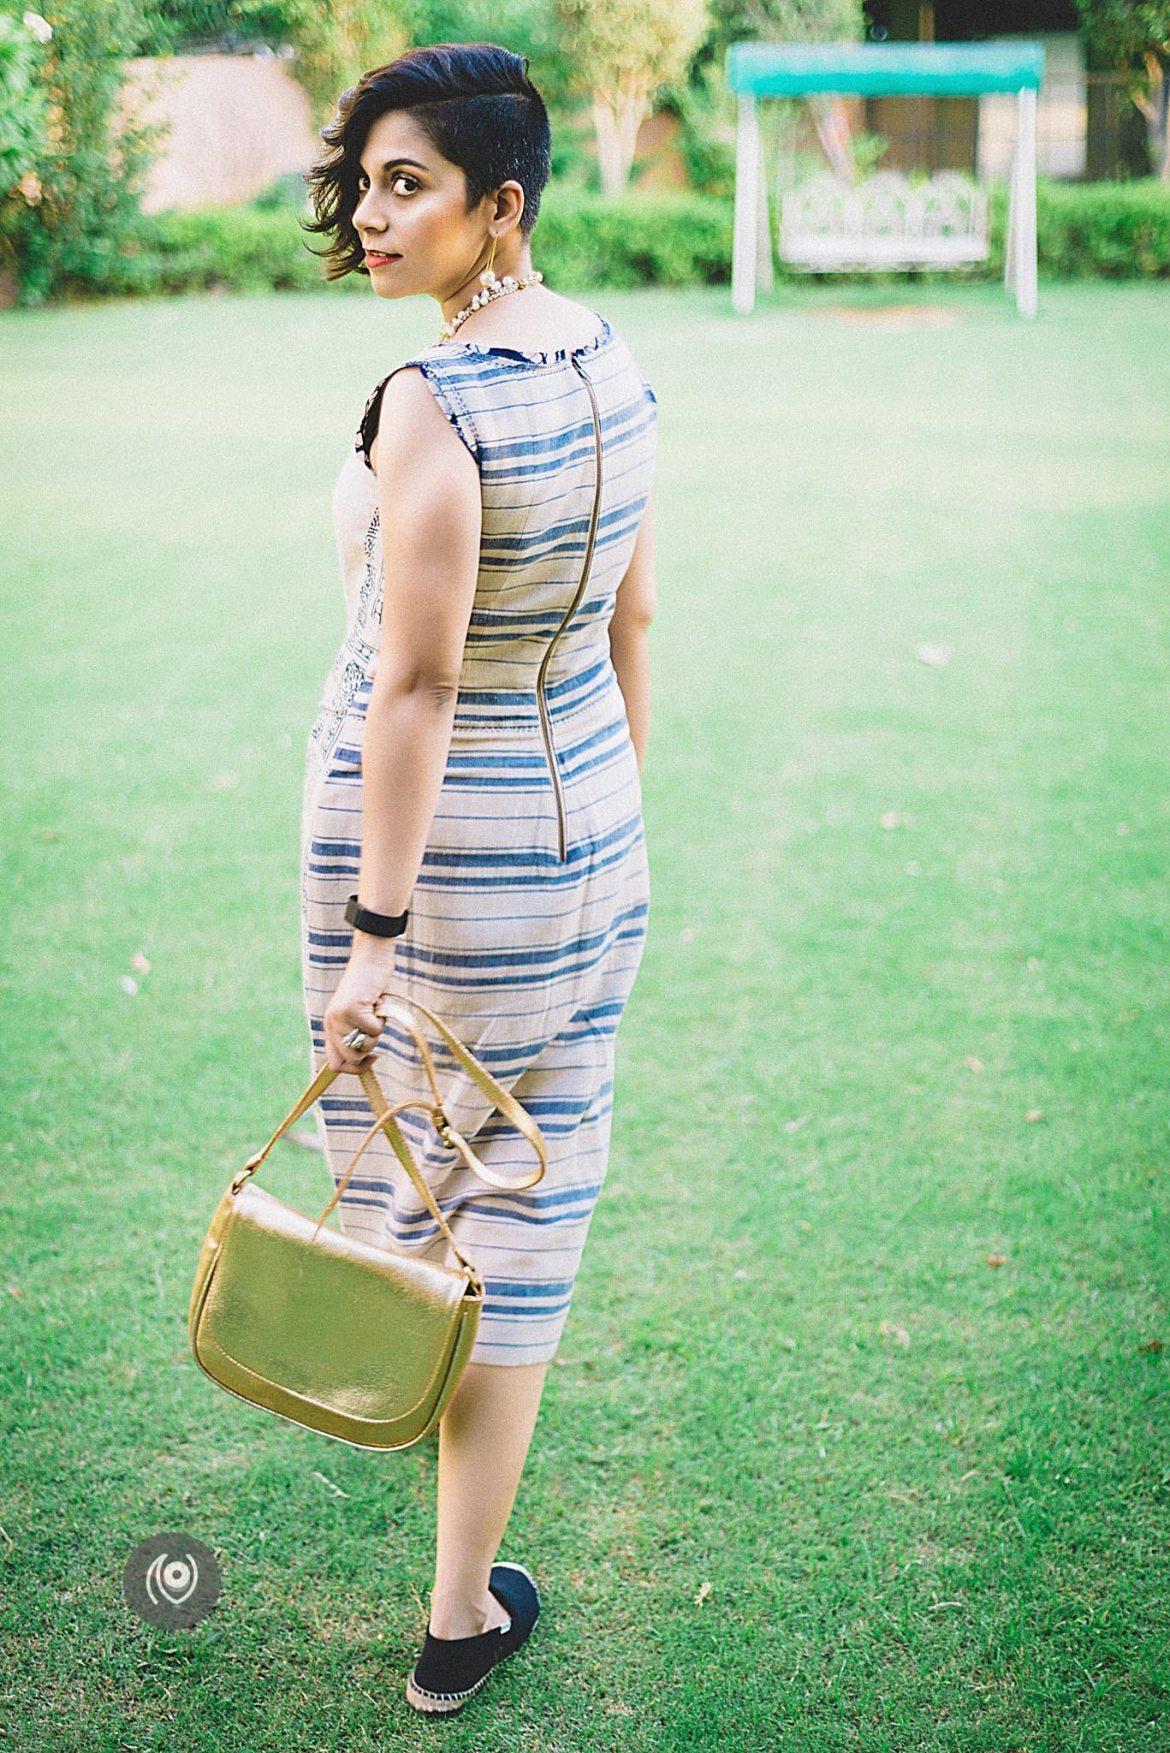 Naina.co-Raconteuse-Visuelle-Photographer-Blogger-Storyteller-Luxury-Lifestyle-CoverUp-Mi-UrvashiKaur-Risa-05